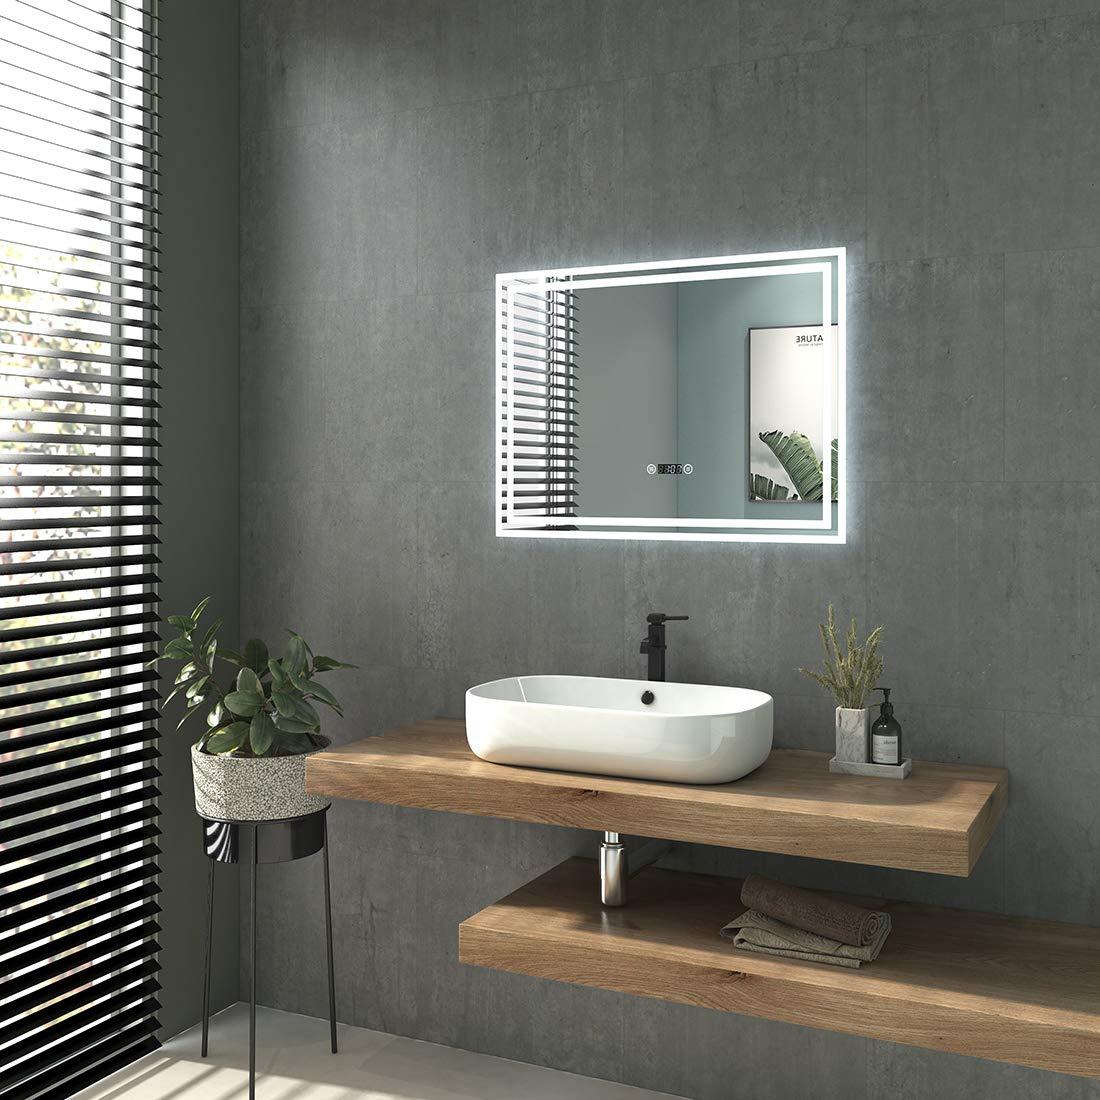 50x70 cm con toccare interruttore Specchio da bagno a LED con illuminazione specchio da parete luce bianca fredda